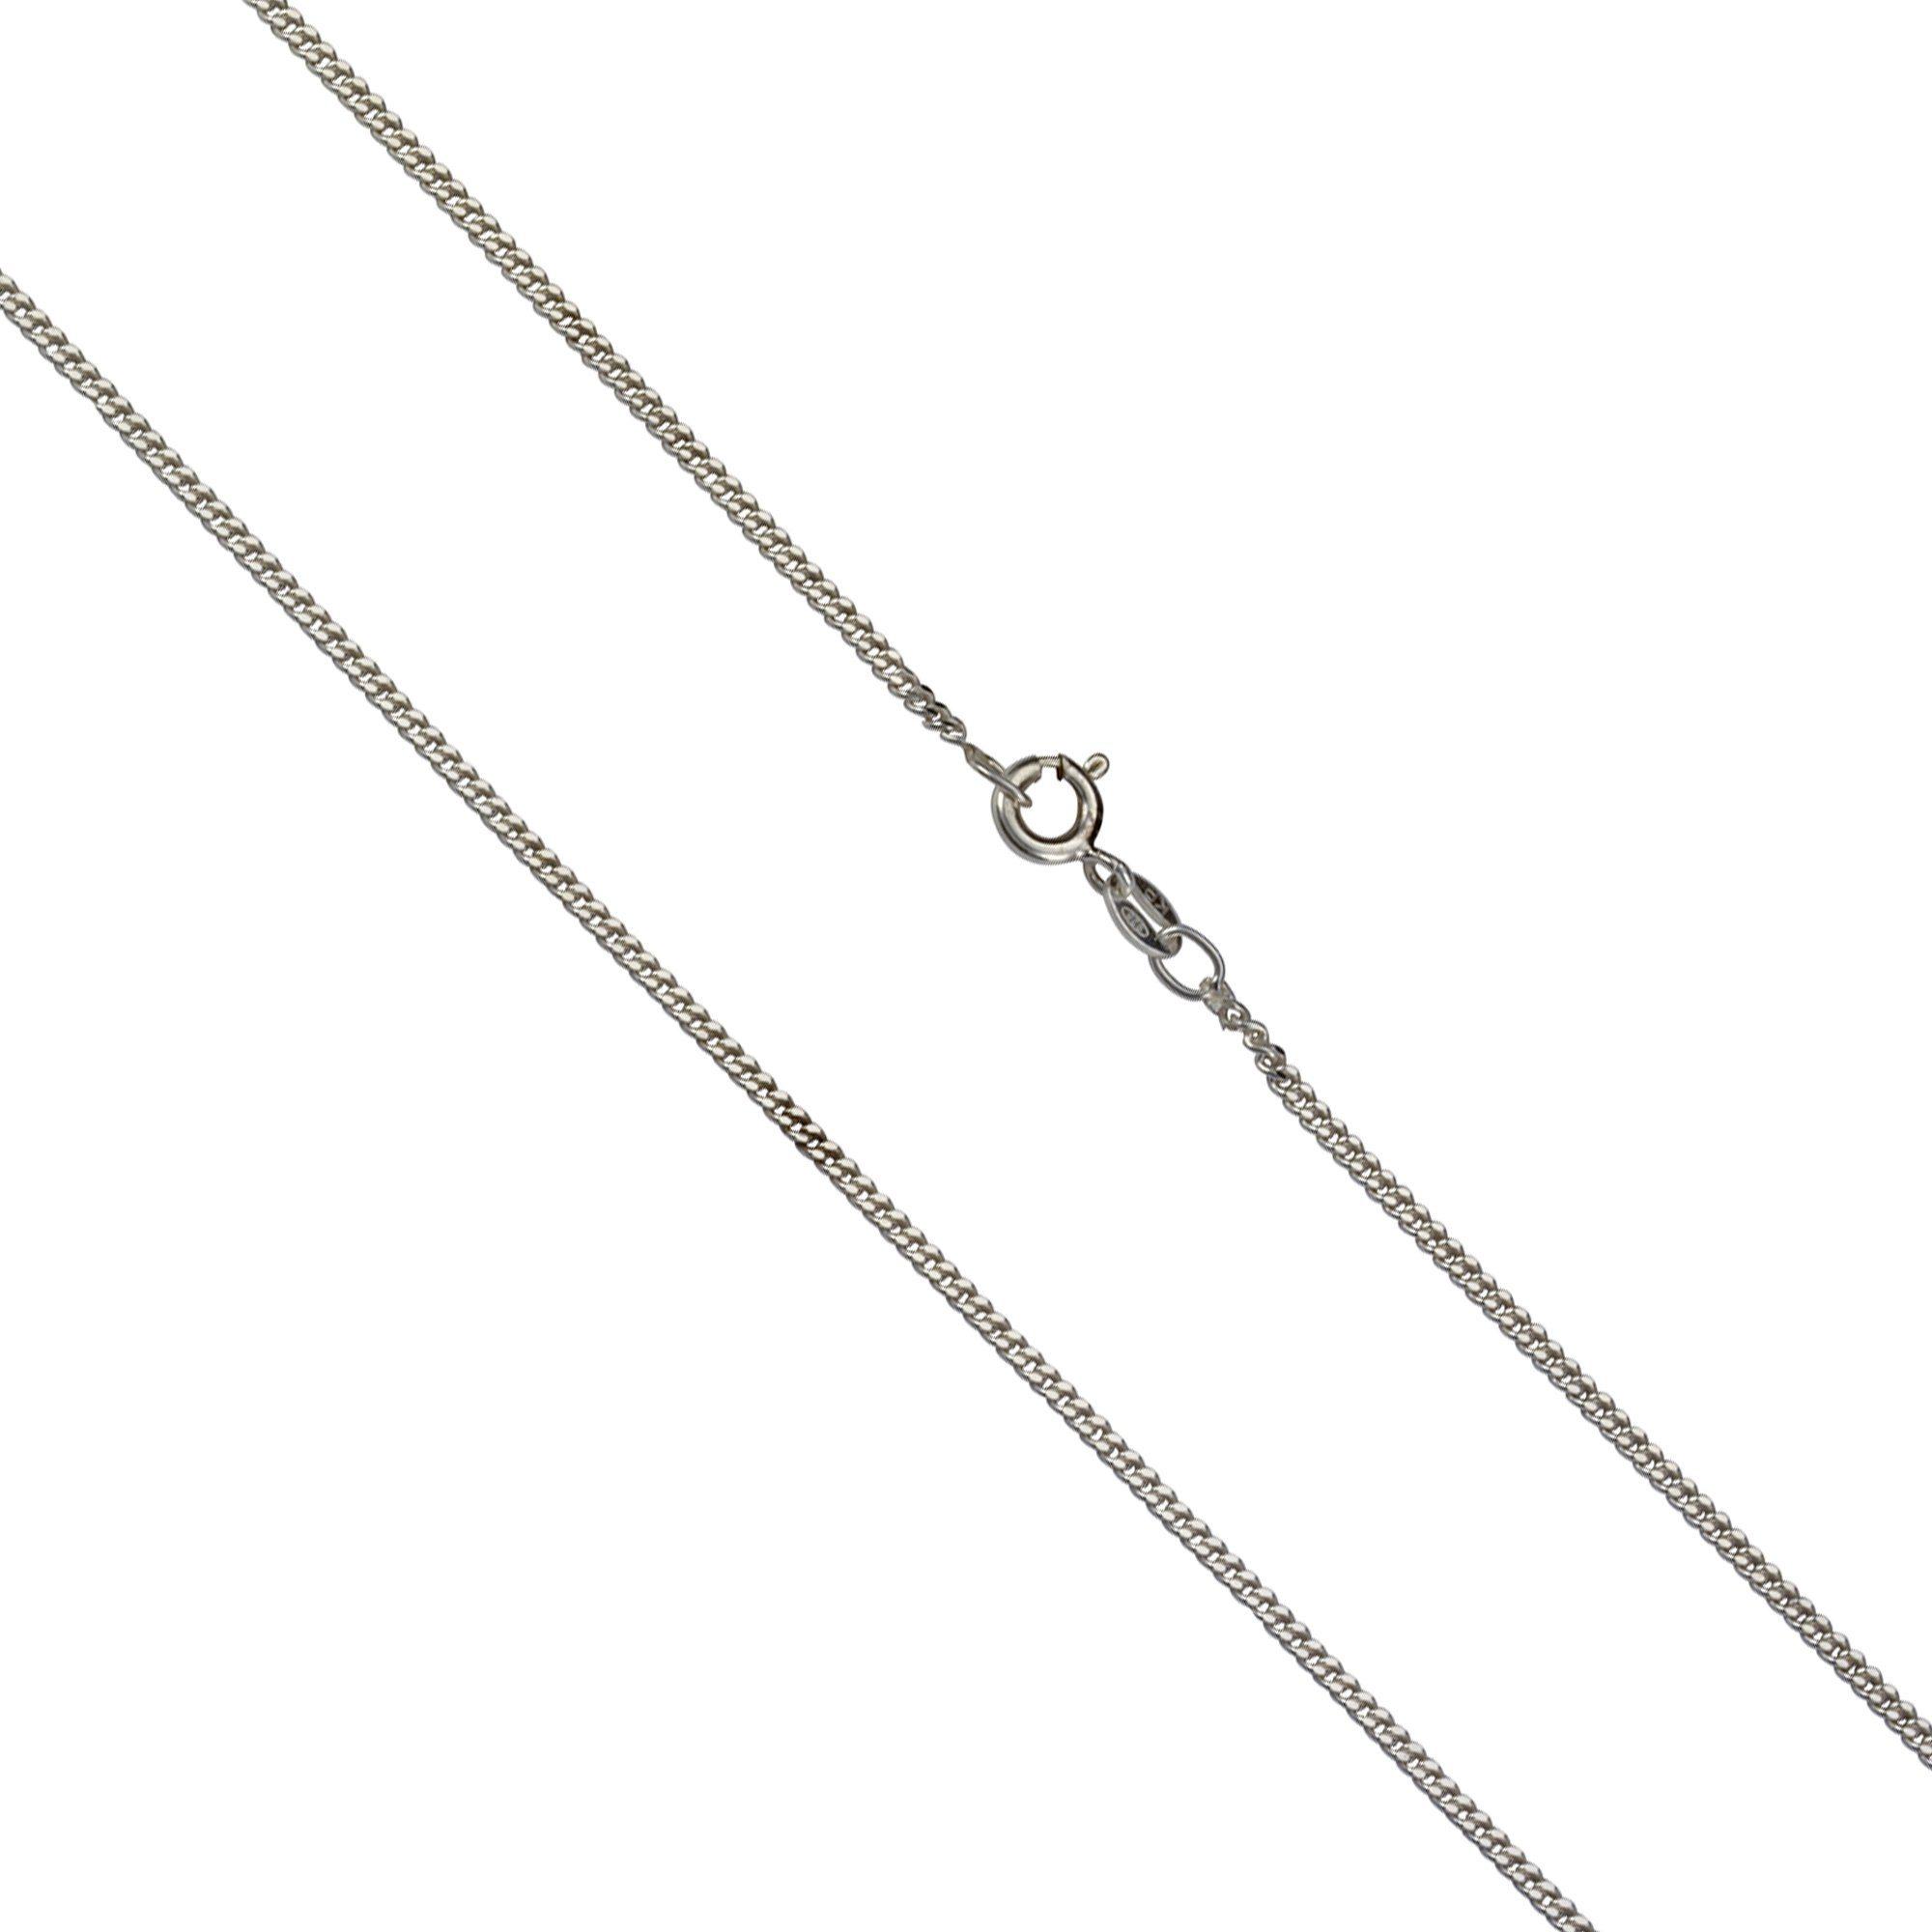 Firetti Collier »925/- Silber Panzerkette diamantiert«   Schmuck > Halsketten > Silberketten   Silber   Firetti